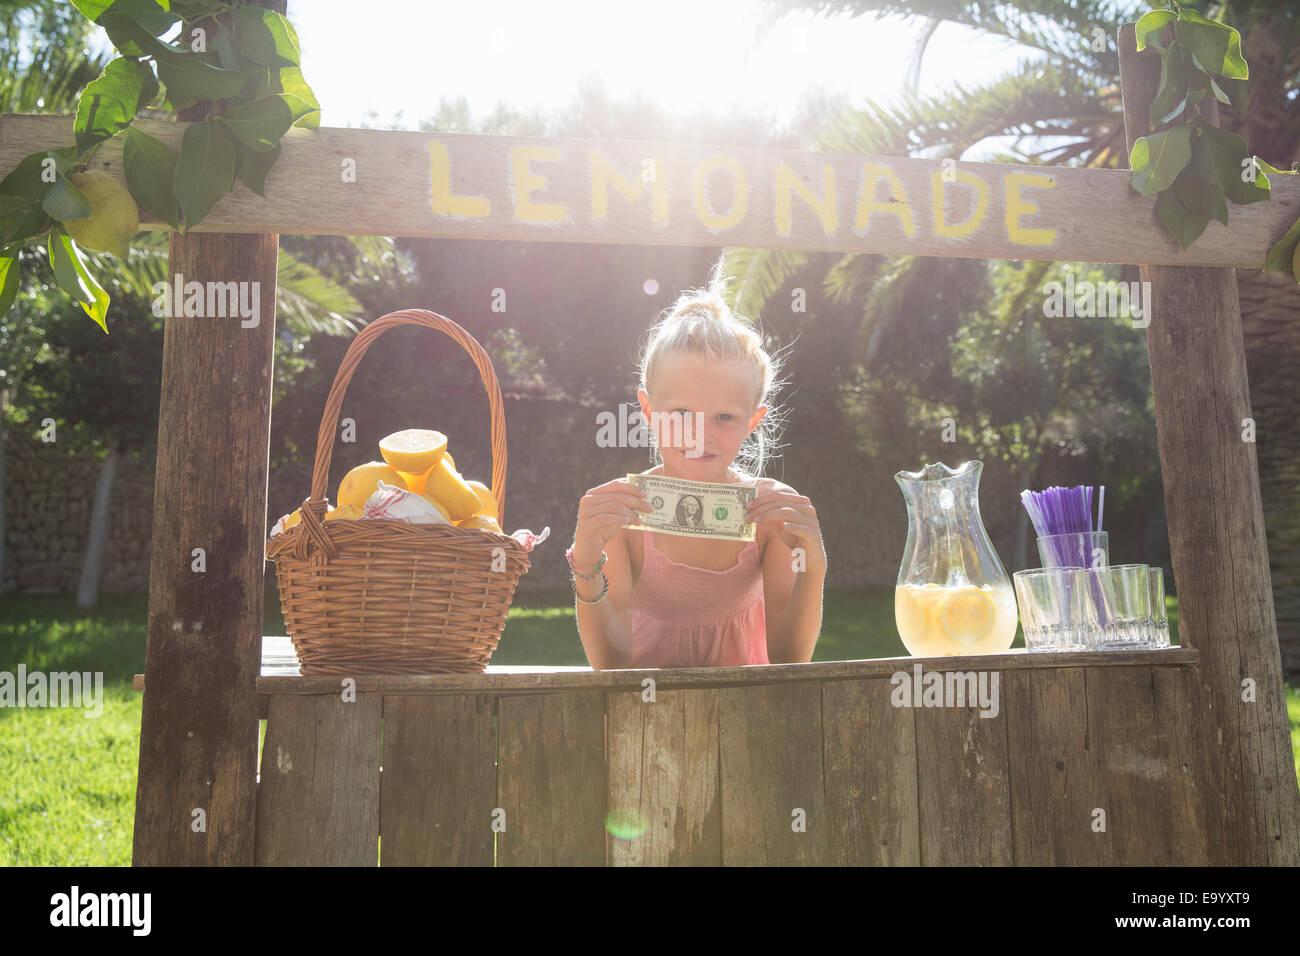 Porträt von Mädchen auf Limonadenstand hochhalten einer Dollarnote Stockbild